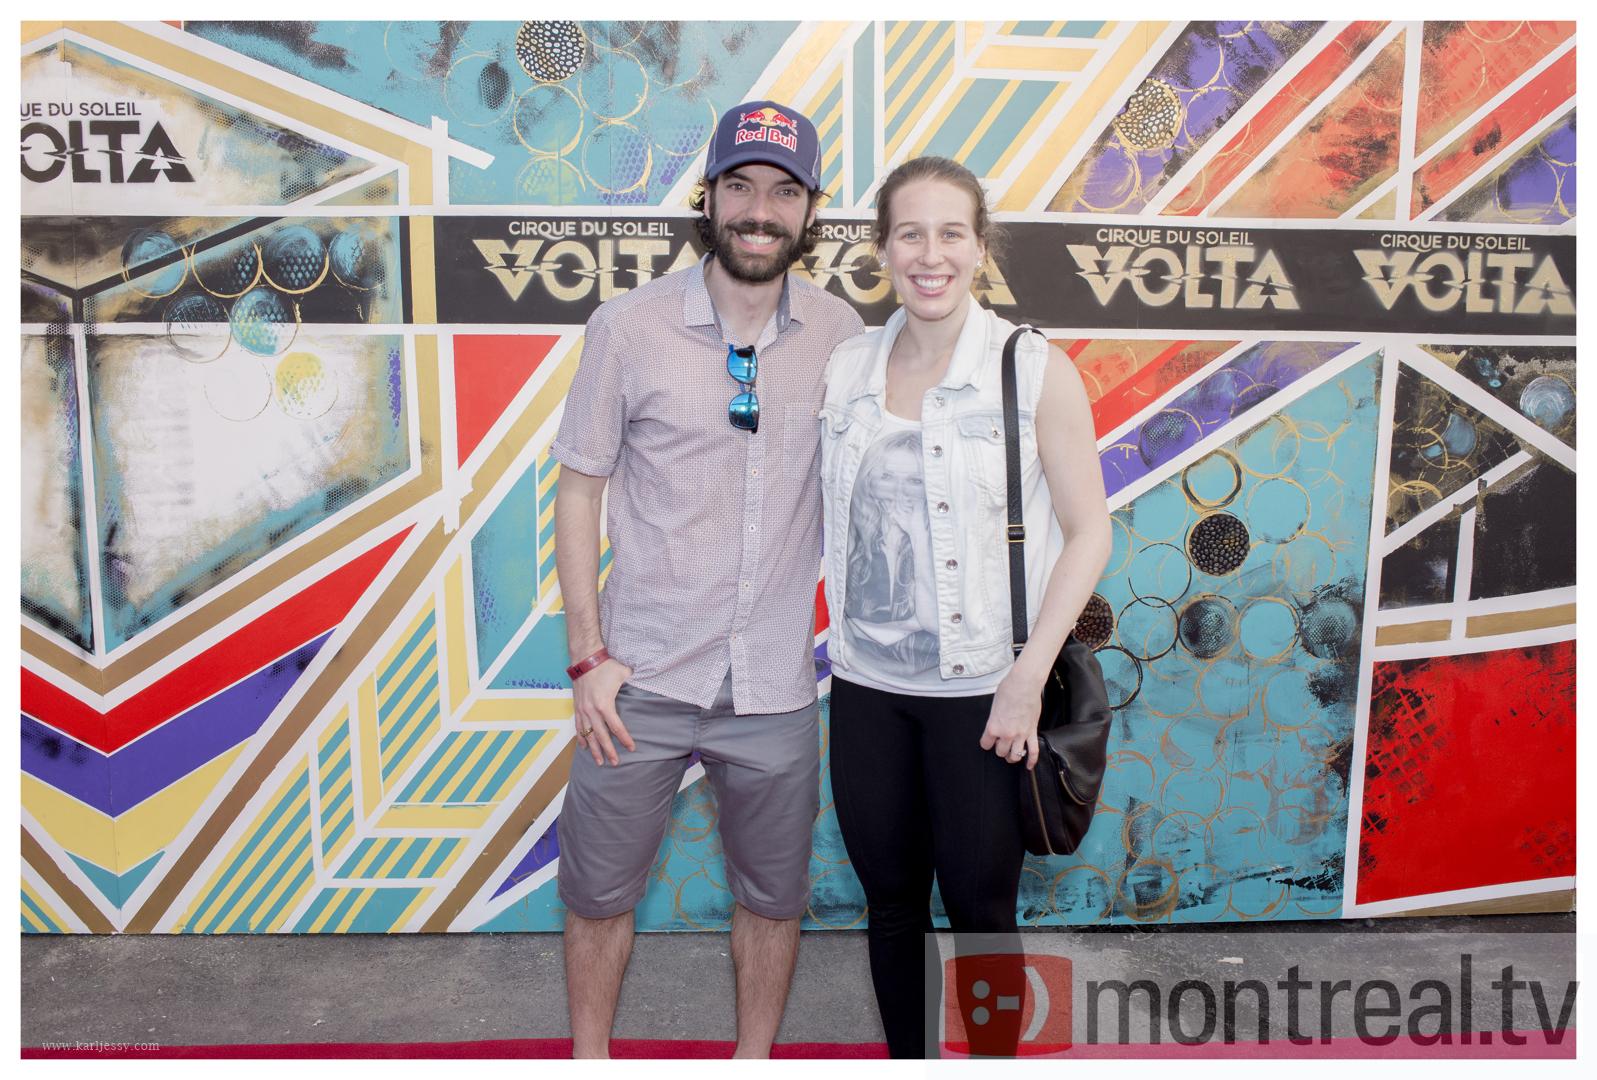 Marianne St-Gelais_Charles Hamelin_RedCarpet_MontrealTV_VOLTA_RedCarpet_MontrealTV